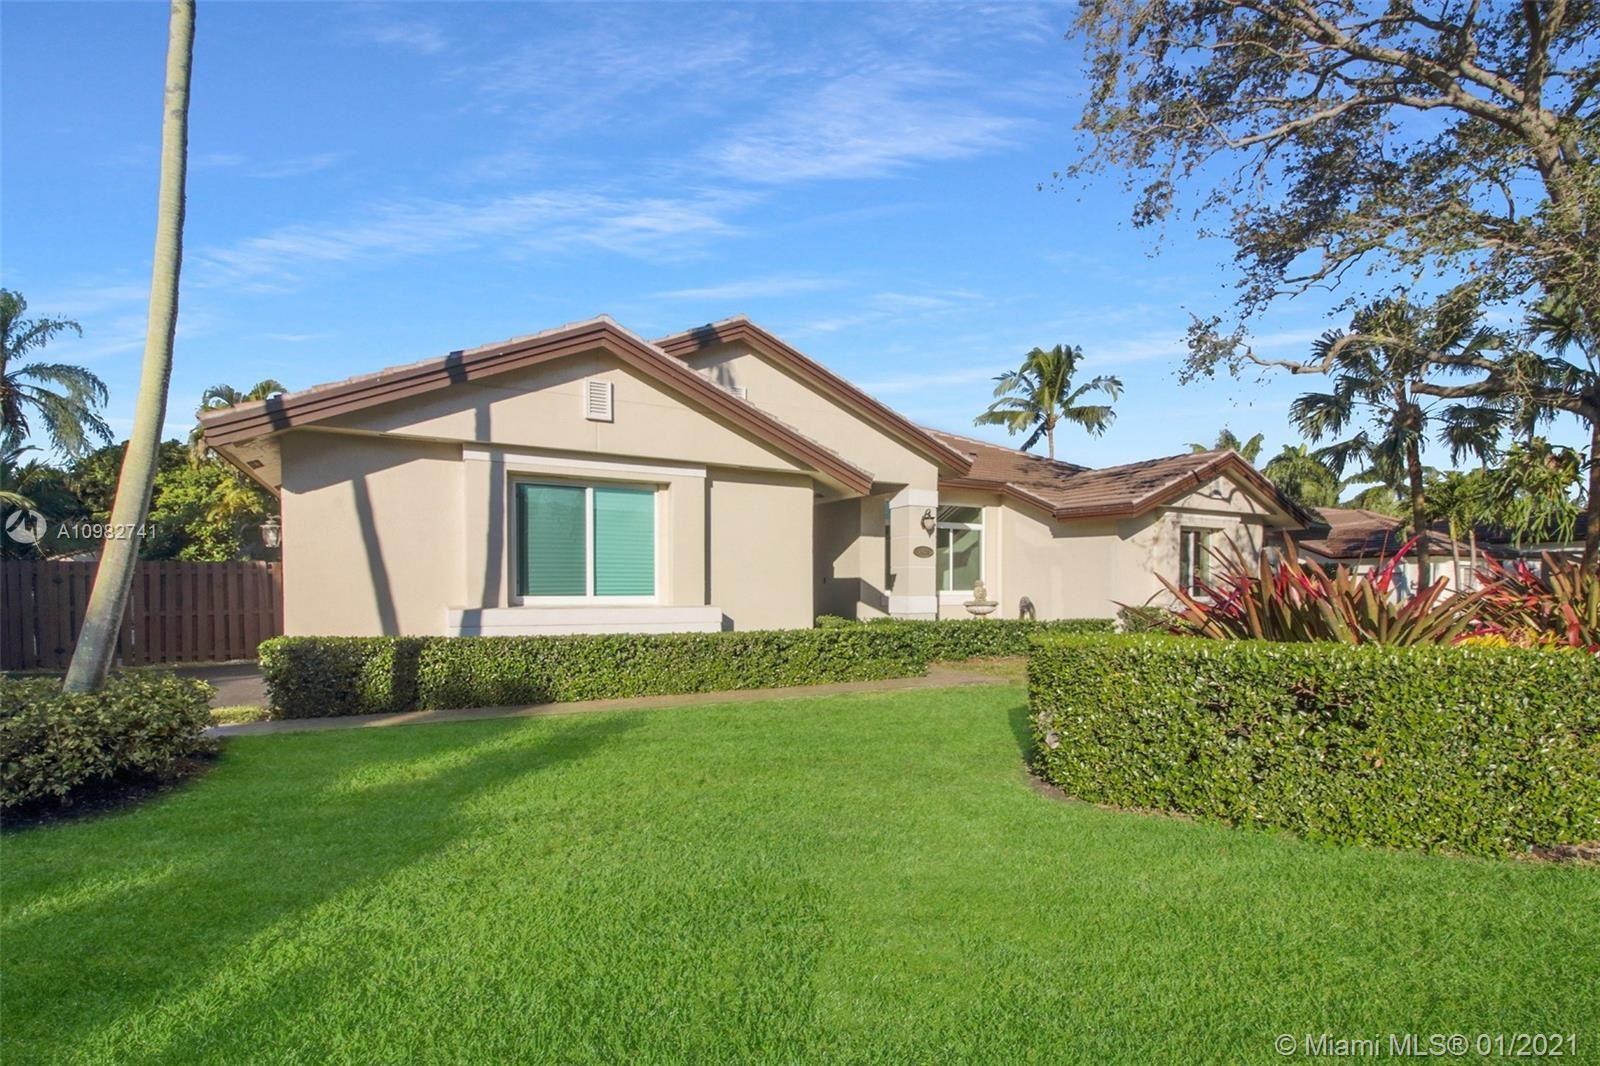 7462 SW 120th Ave, Miami, FL 33183 - #: A10982741